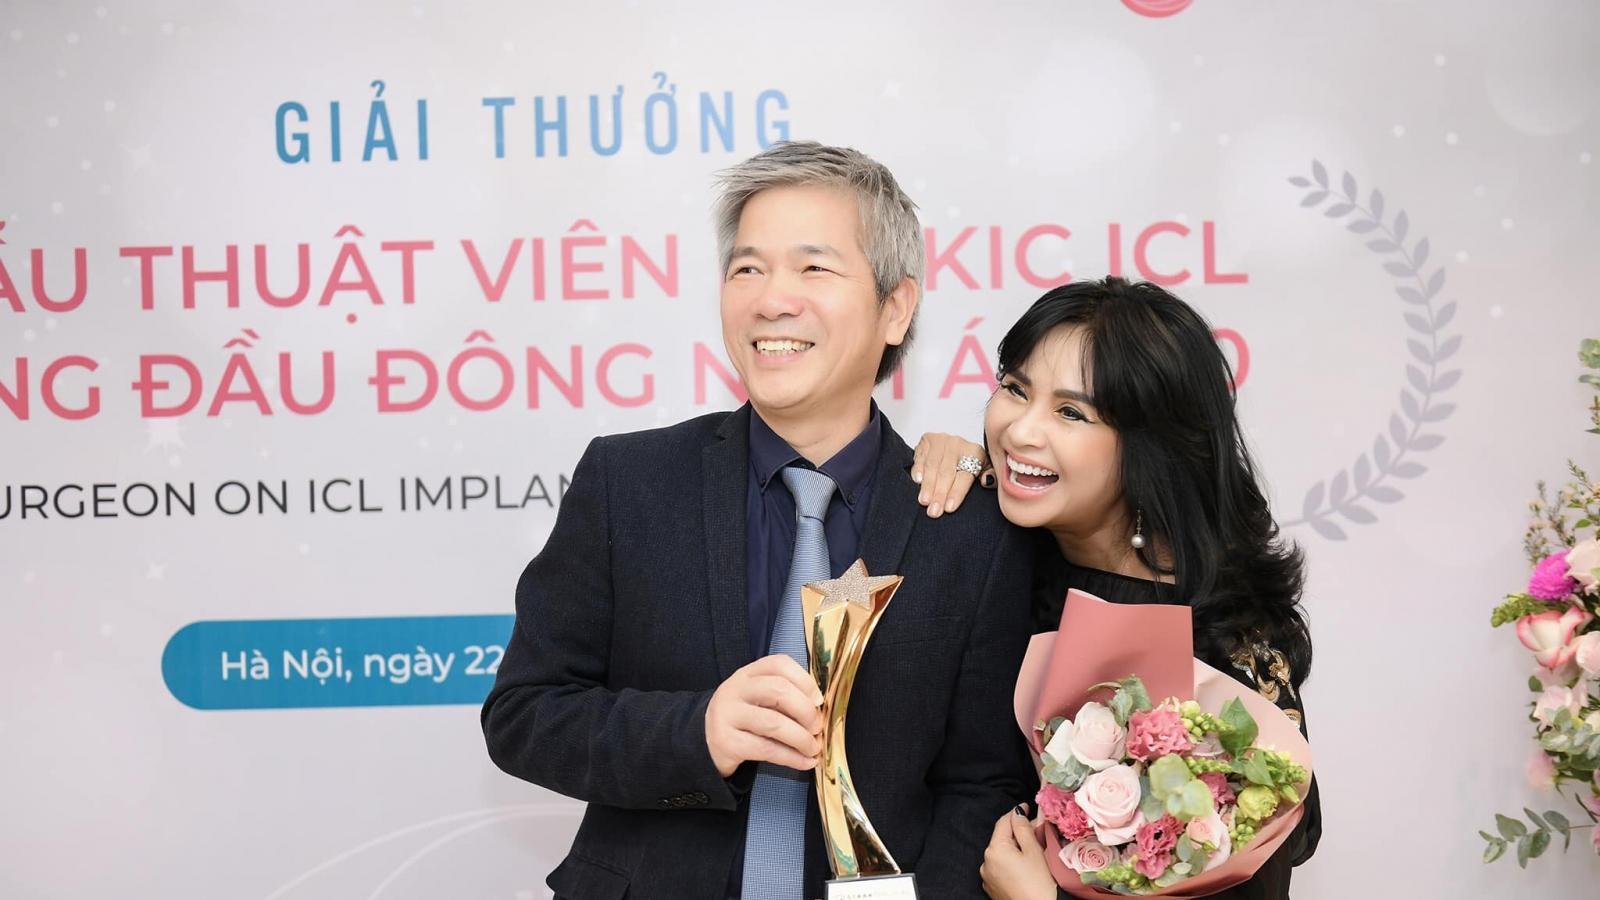 Thanh Lam cười rạng rỡ mừng bạn trai nhận giải thưởng lớn về y khoa